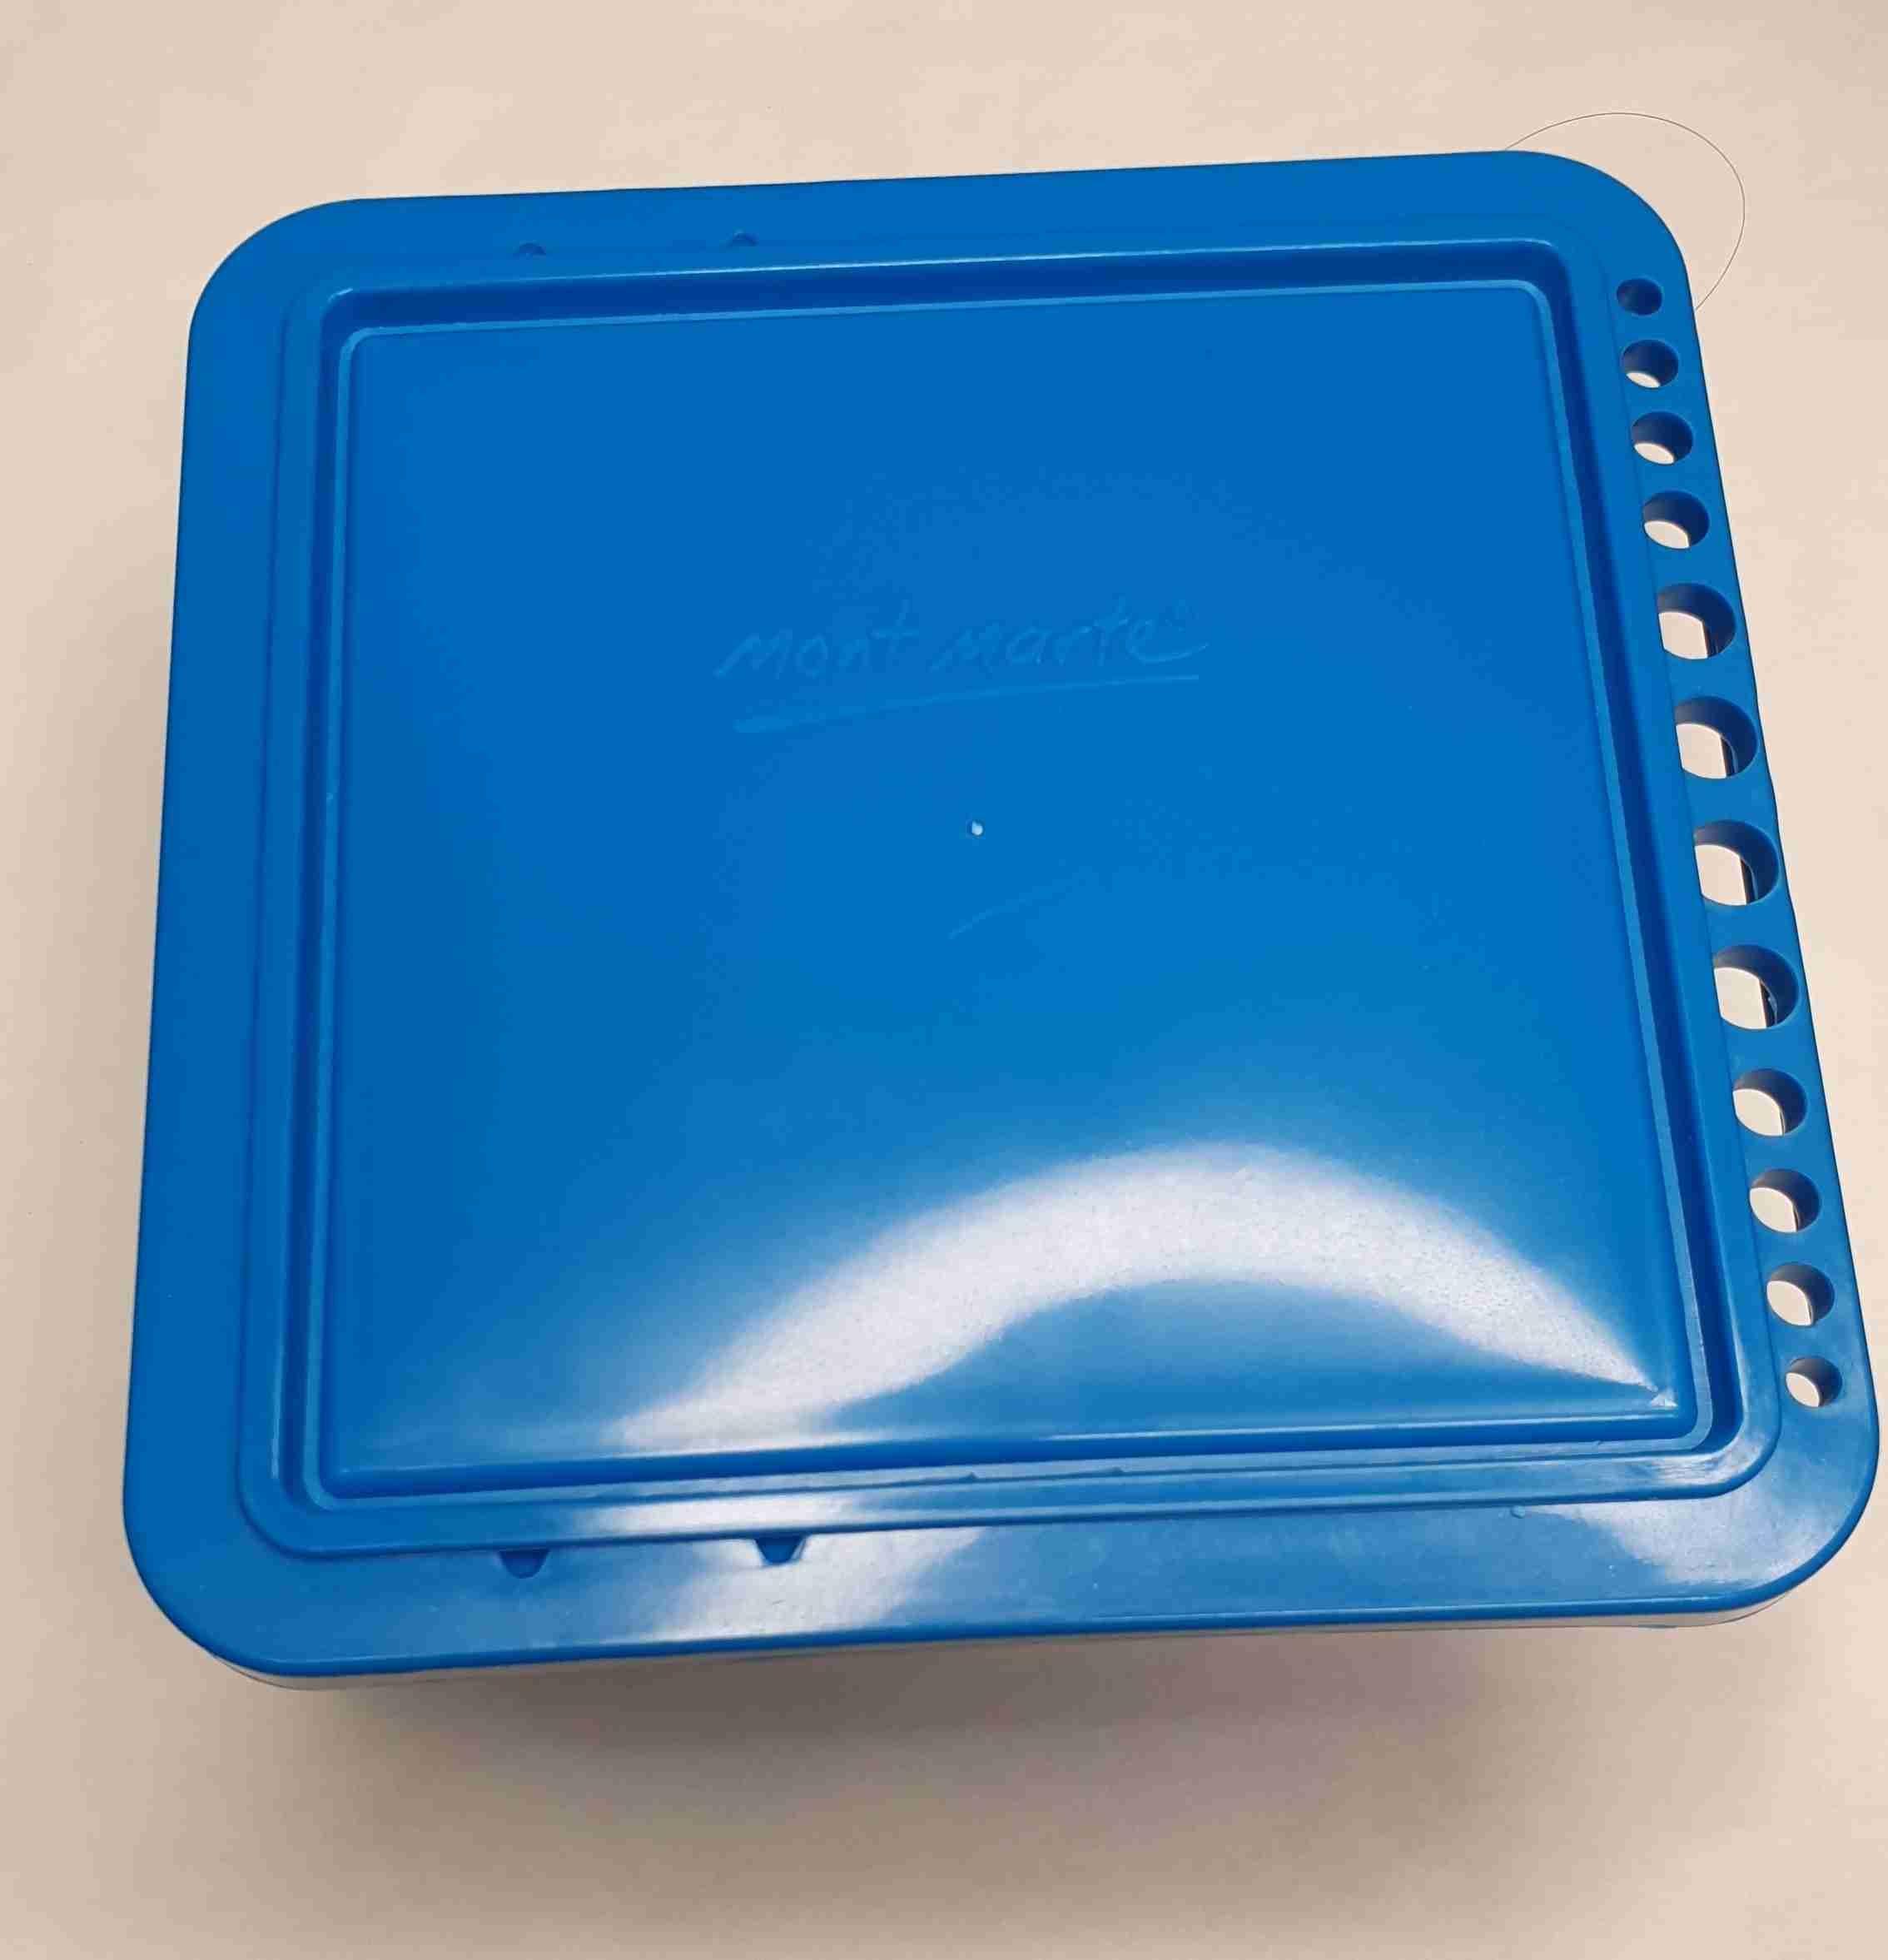 אמבטית מכחולים כחולה